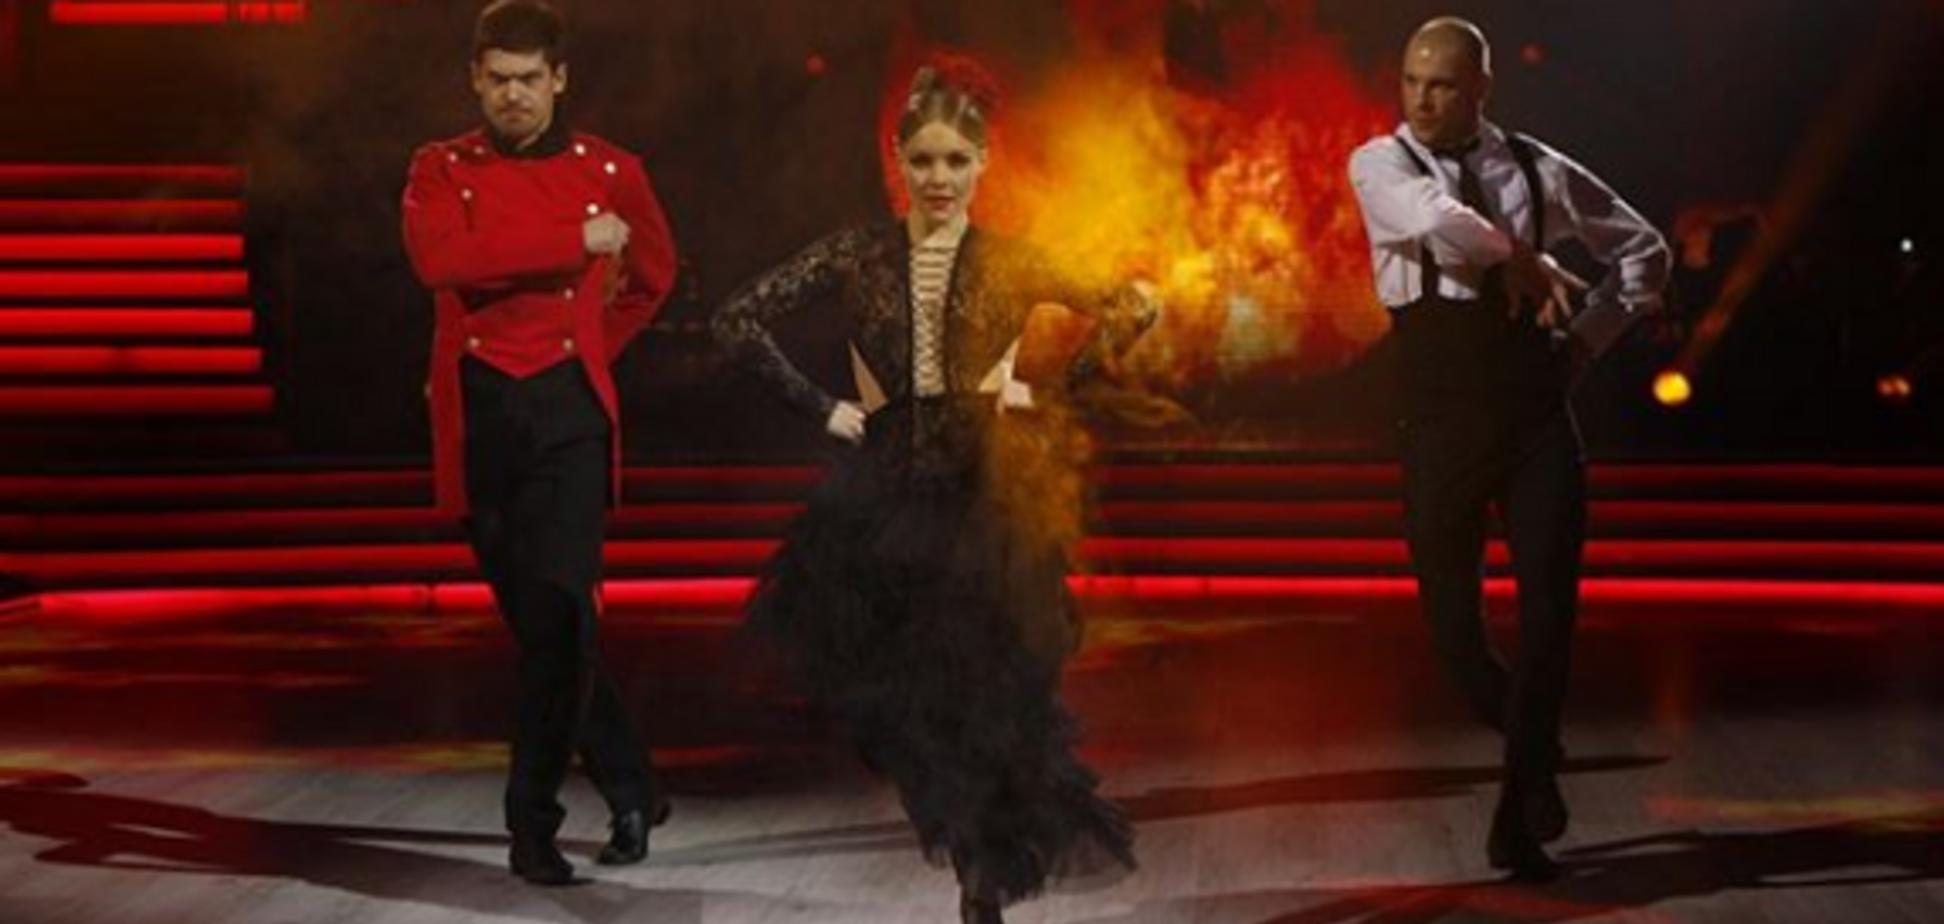 'Ризатдинова ничего не может!' В сети разгорелся скандал из-за нового эфира 'Танців з зірками'